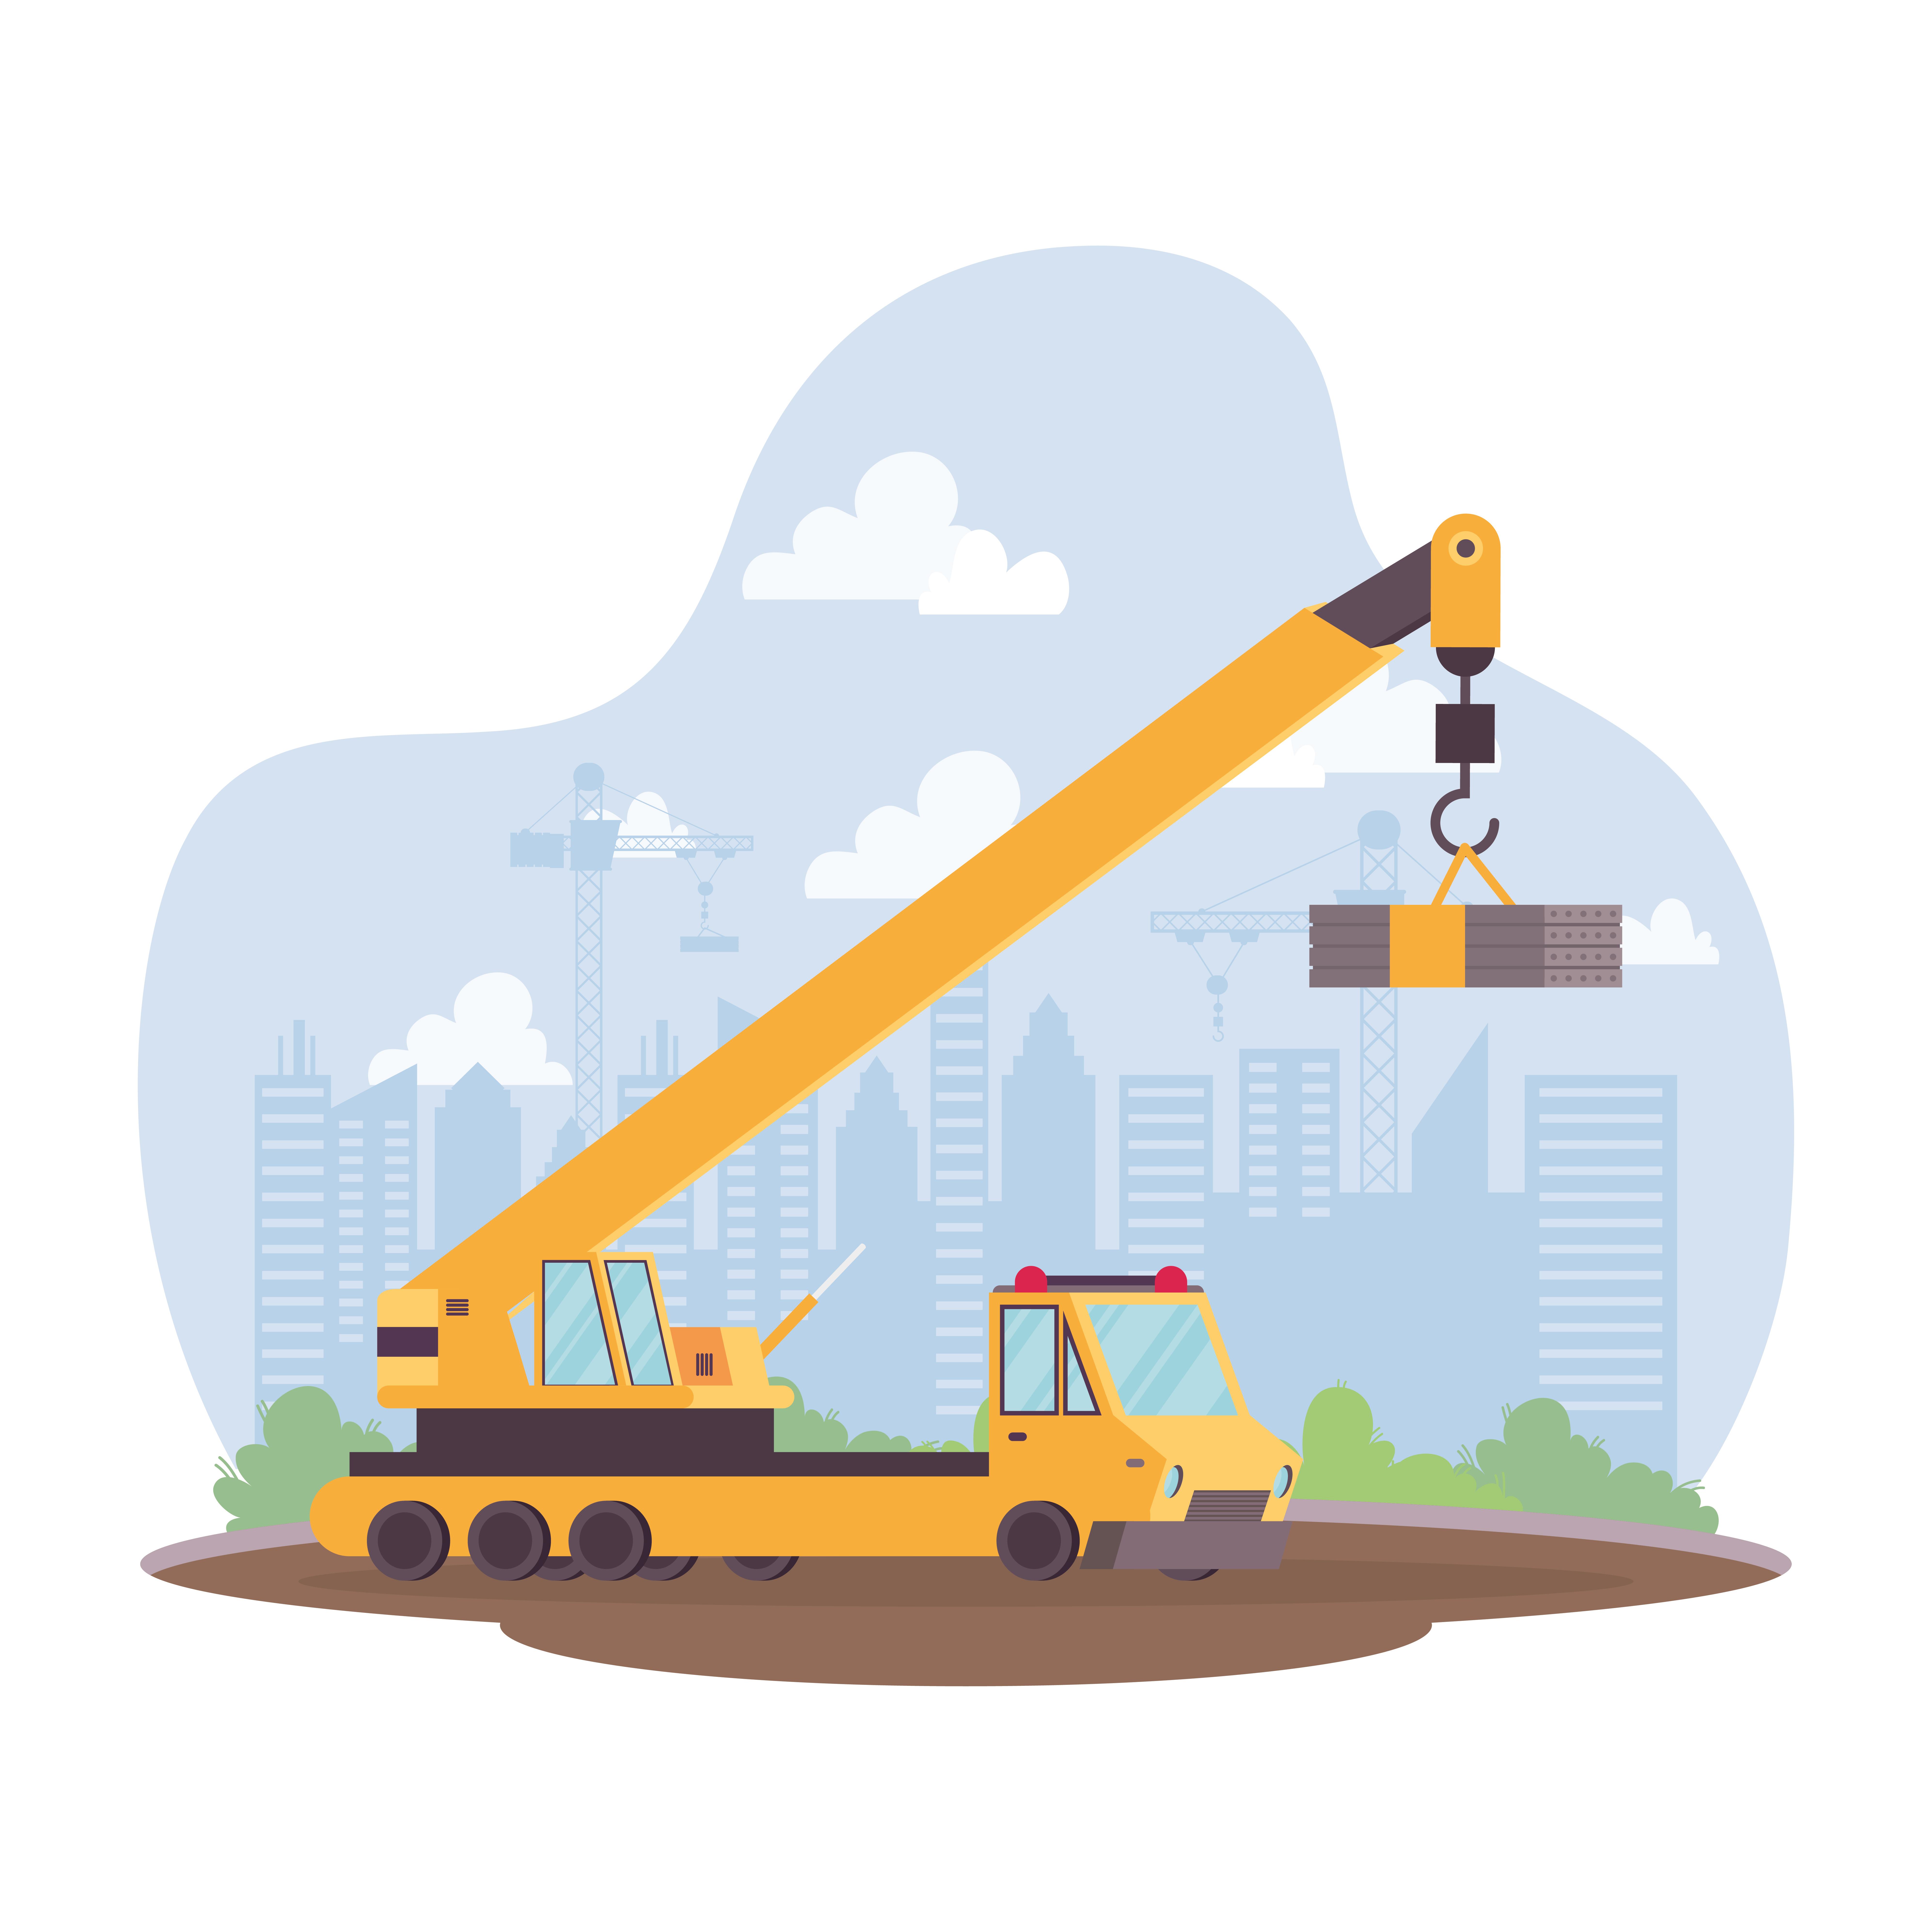 construction crane vehicle in workplace scene 1839710 vector art at vecteezy  vecteezy